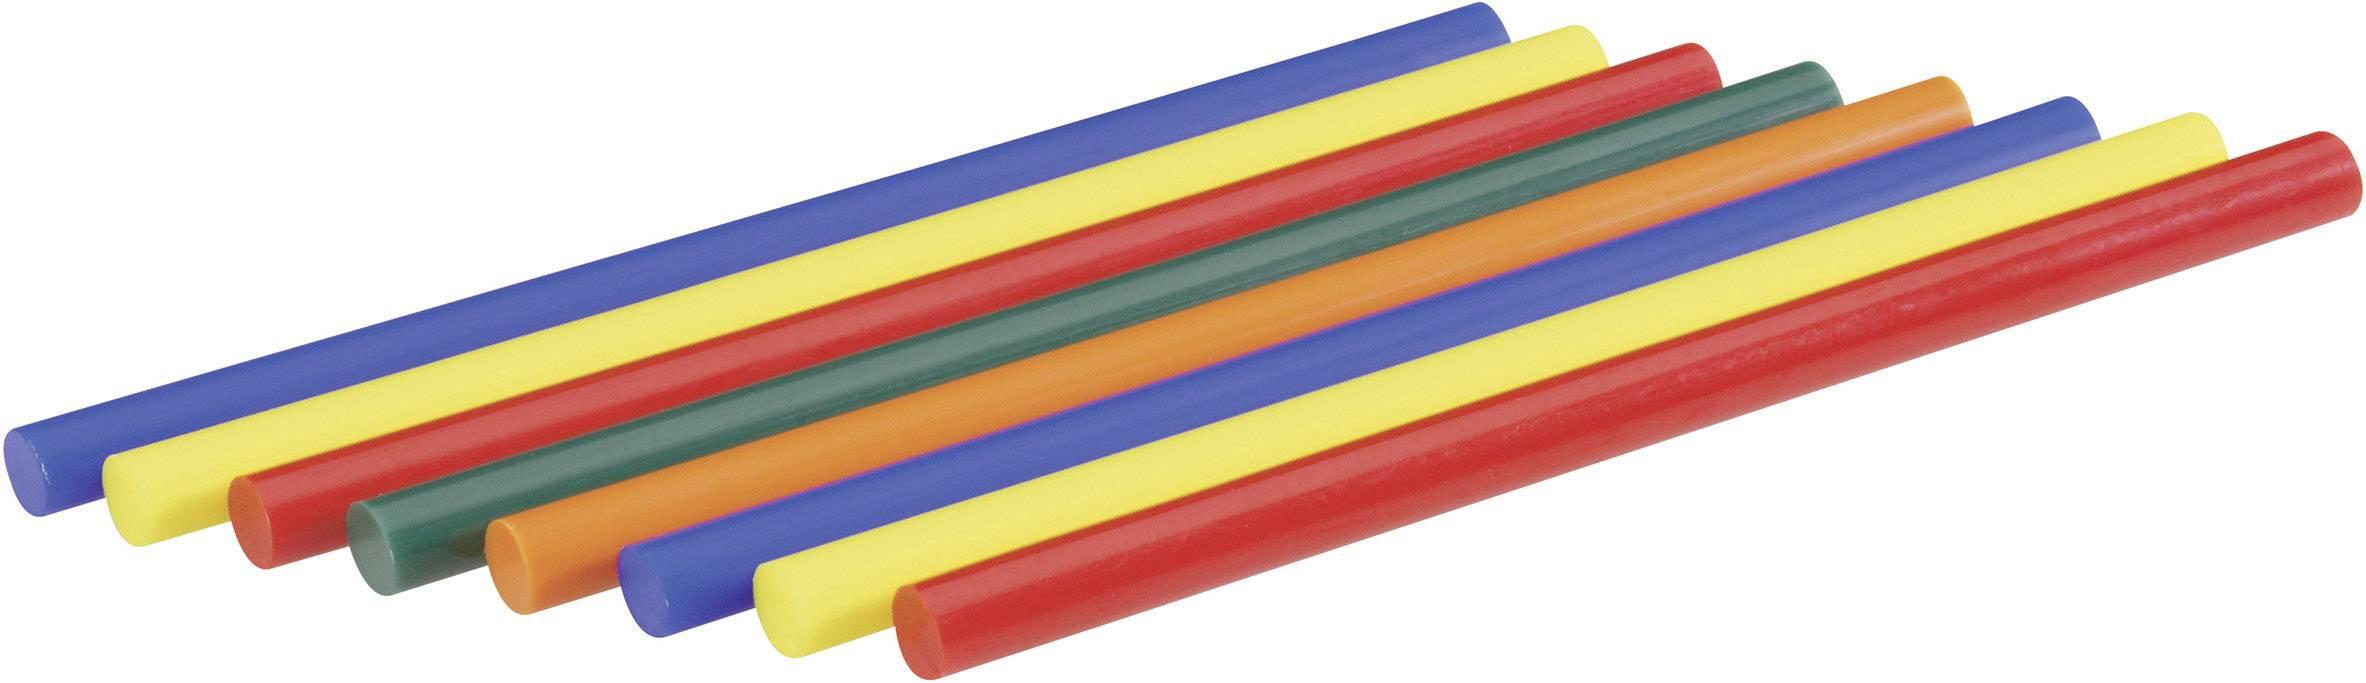 Lepicí tyčinky Steinel 047719, Ø 11 mm, délka 200 mm, 8 ks, různé barvy tříděné